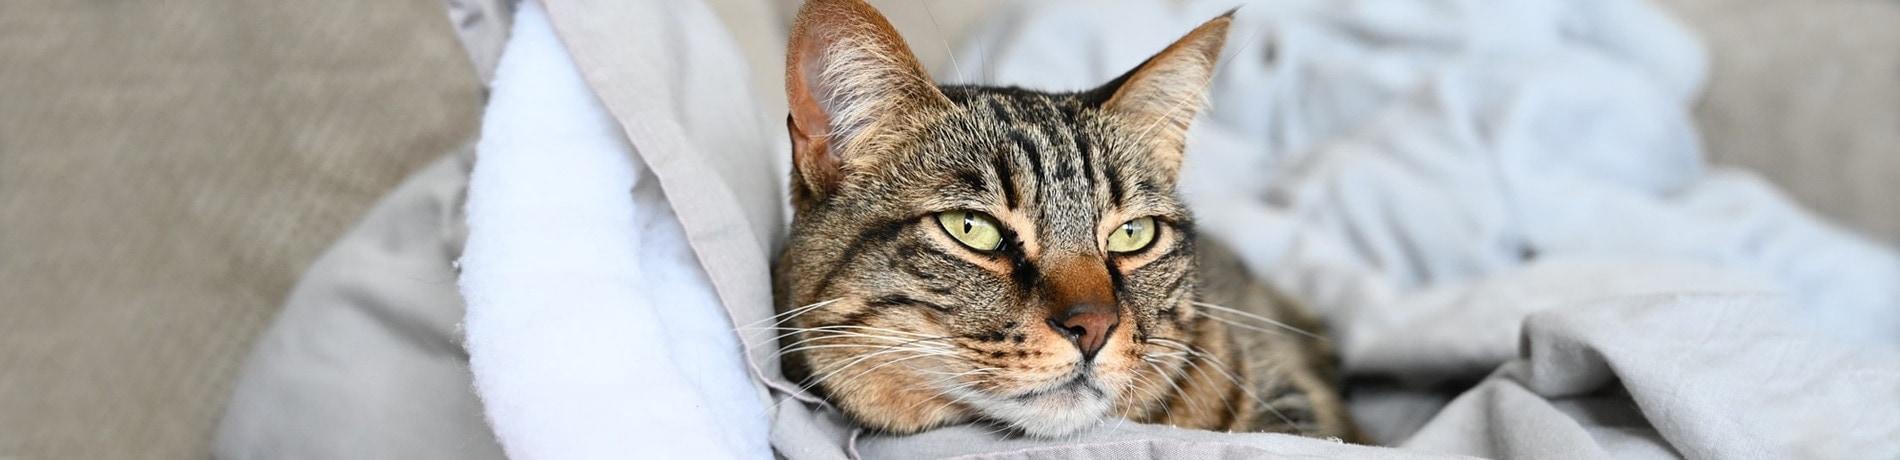 kan een kat tegen vrieskou